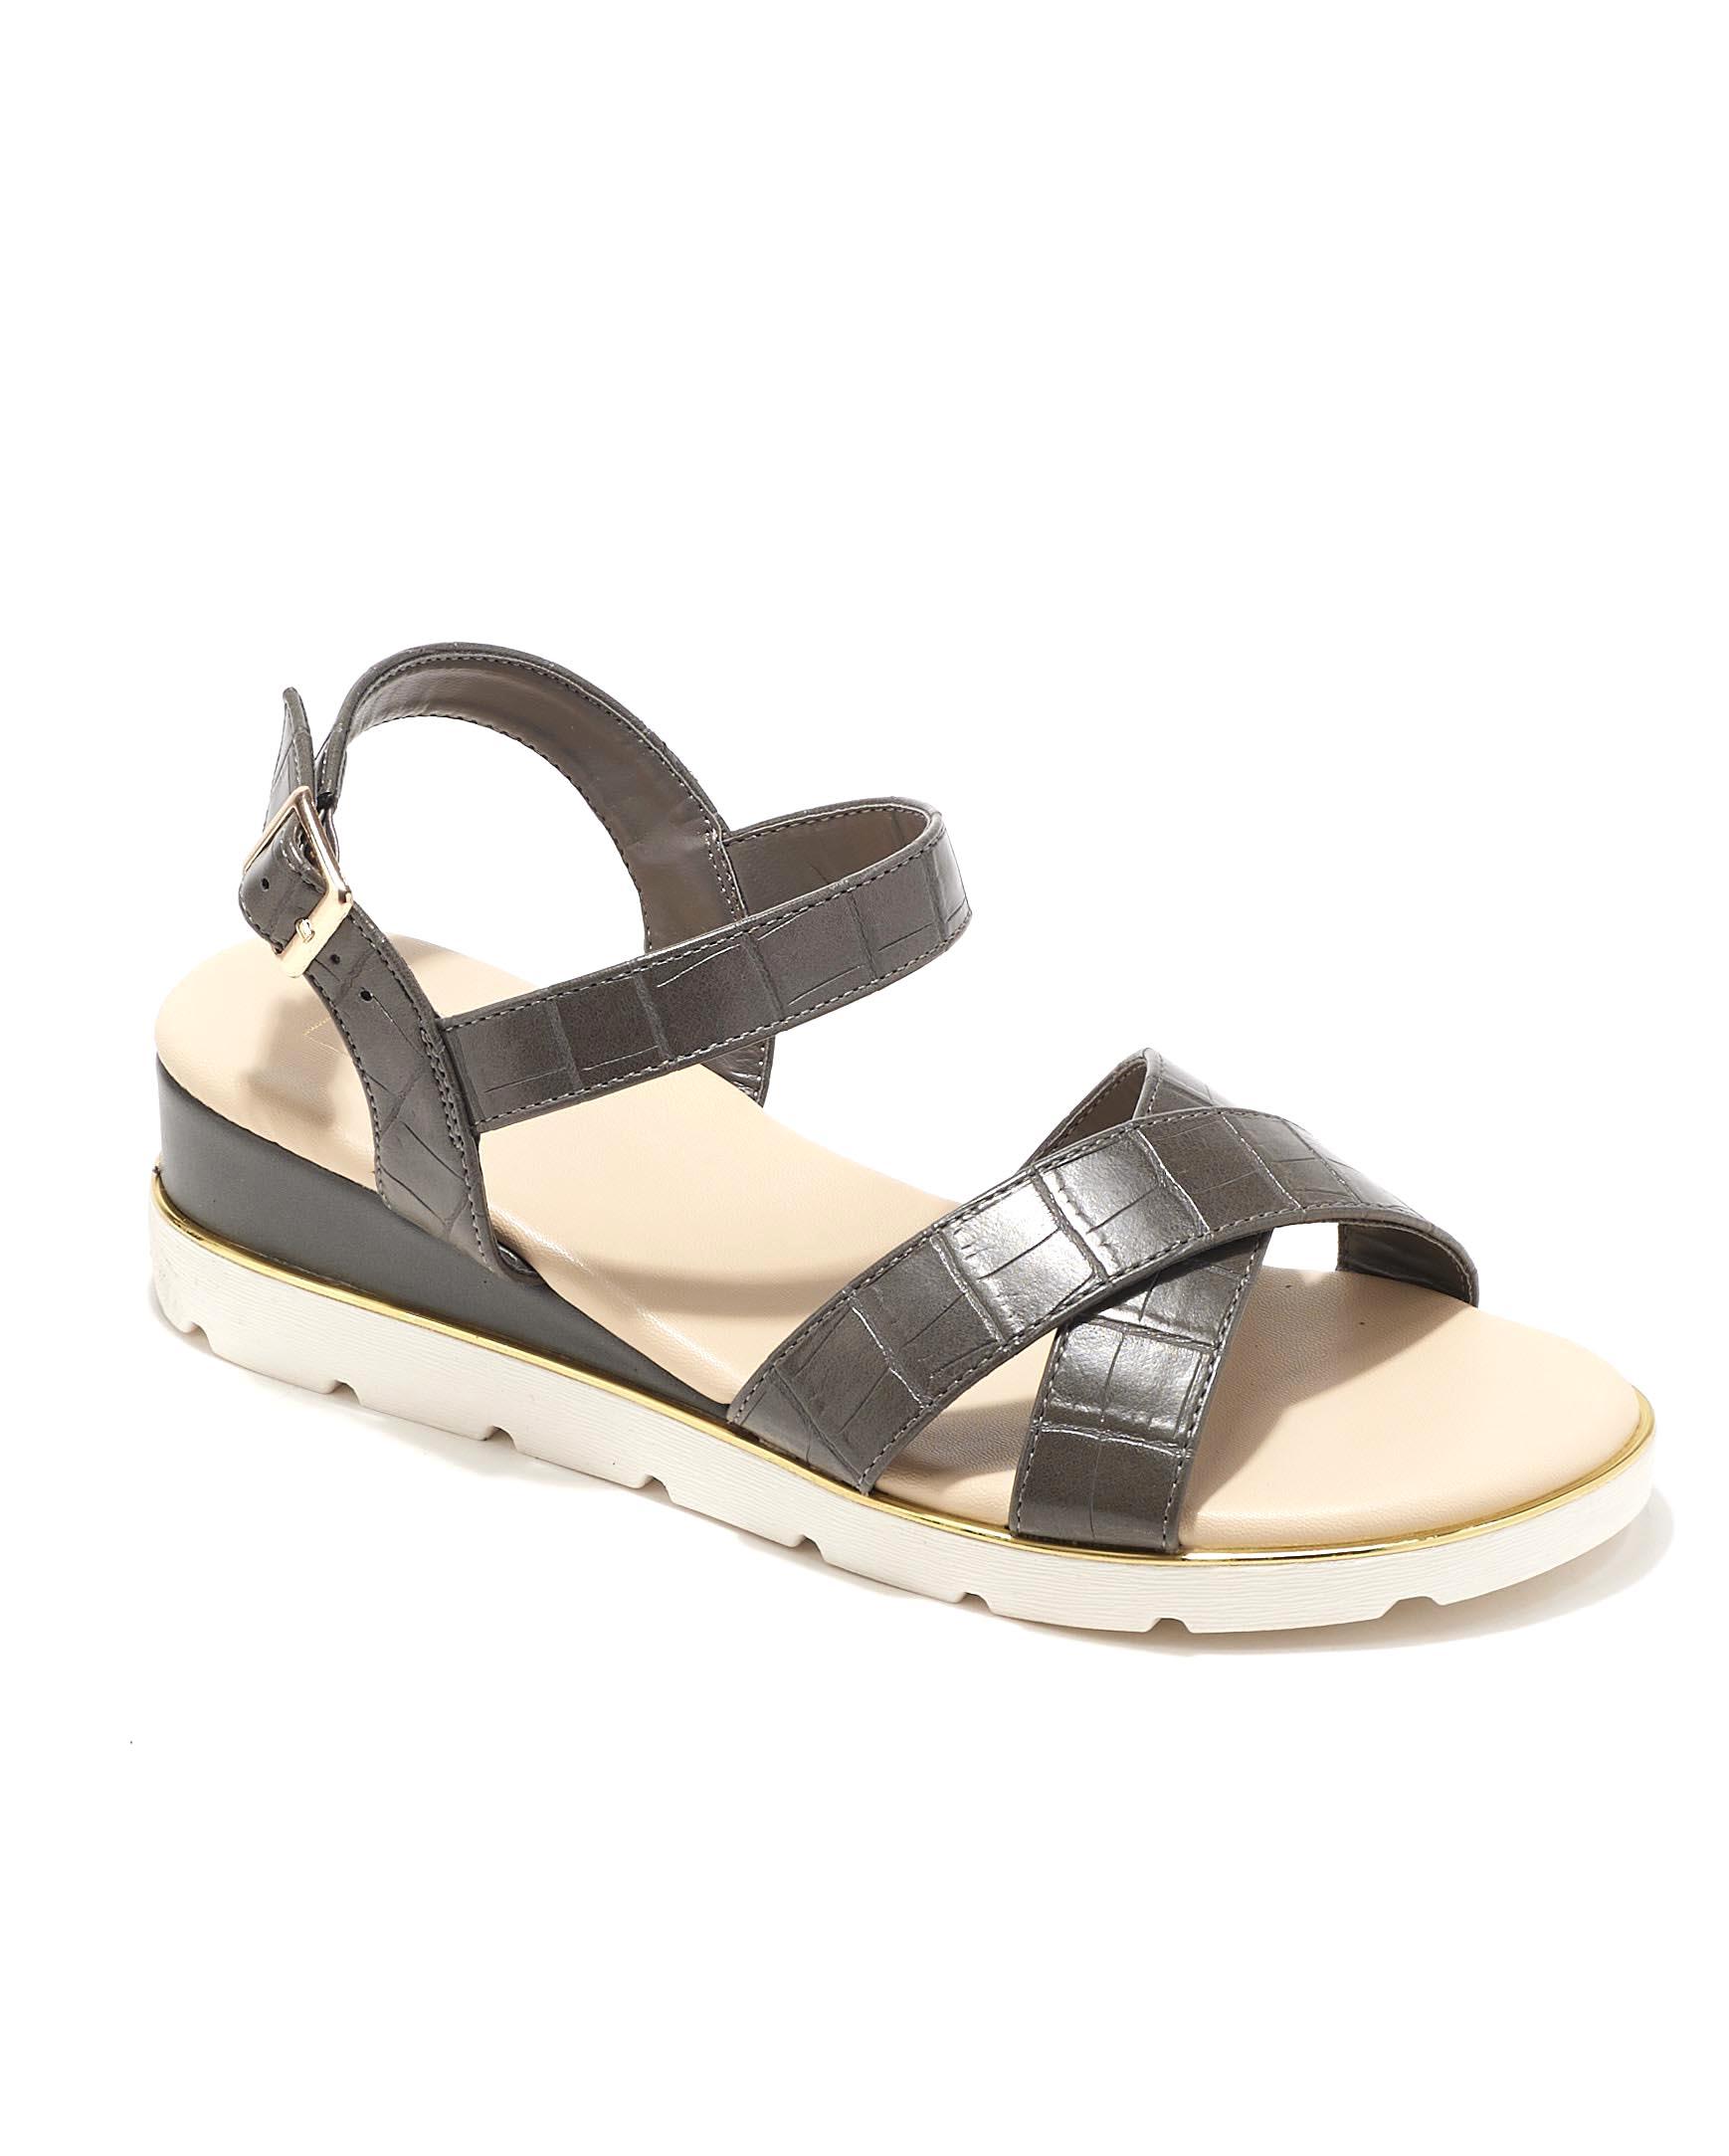 Sandales Compensées Femme - Sandale Talon Compensee Croco Anthracite Jina - C5-000-1a